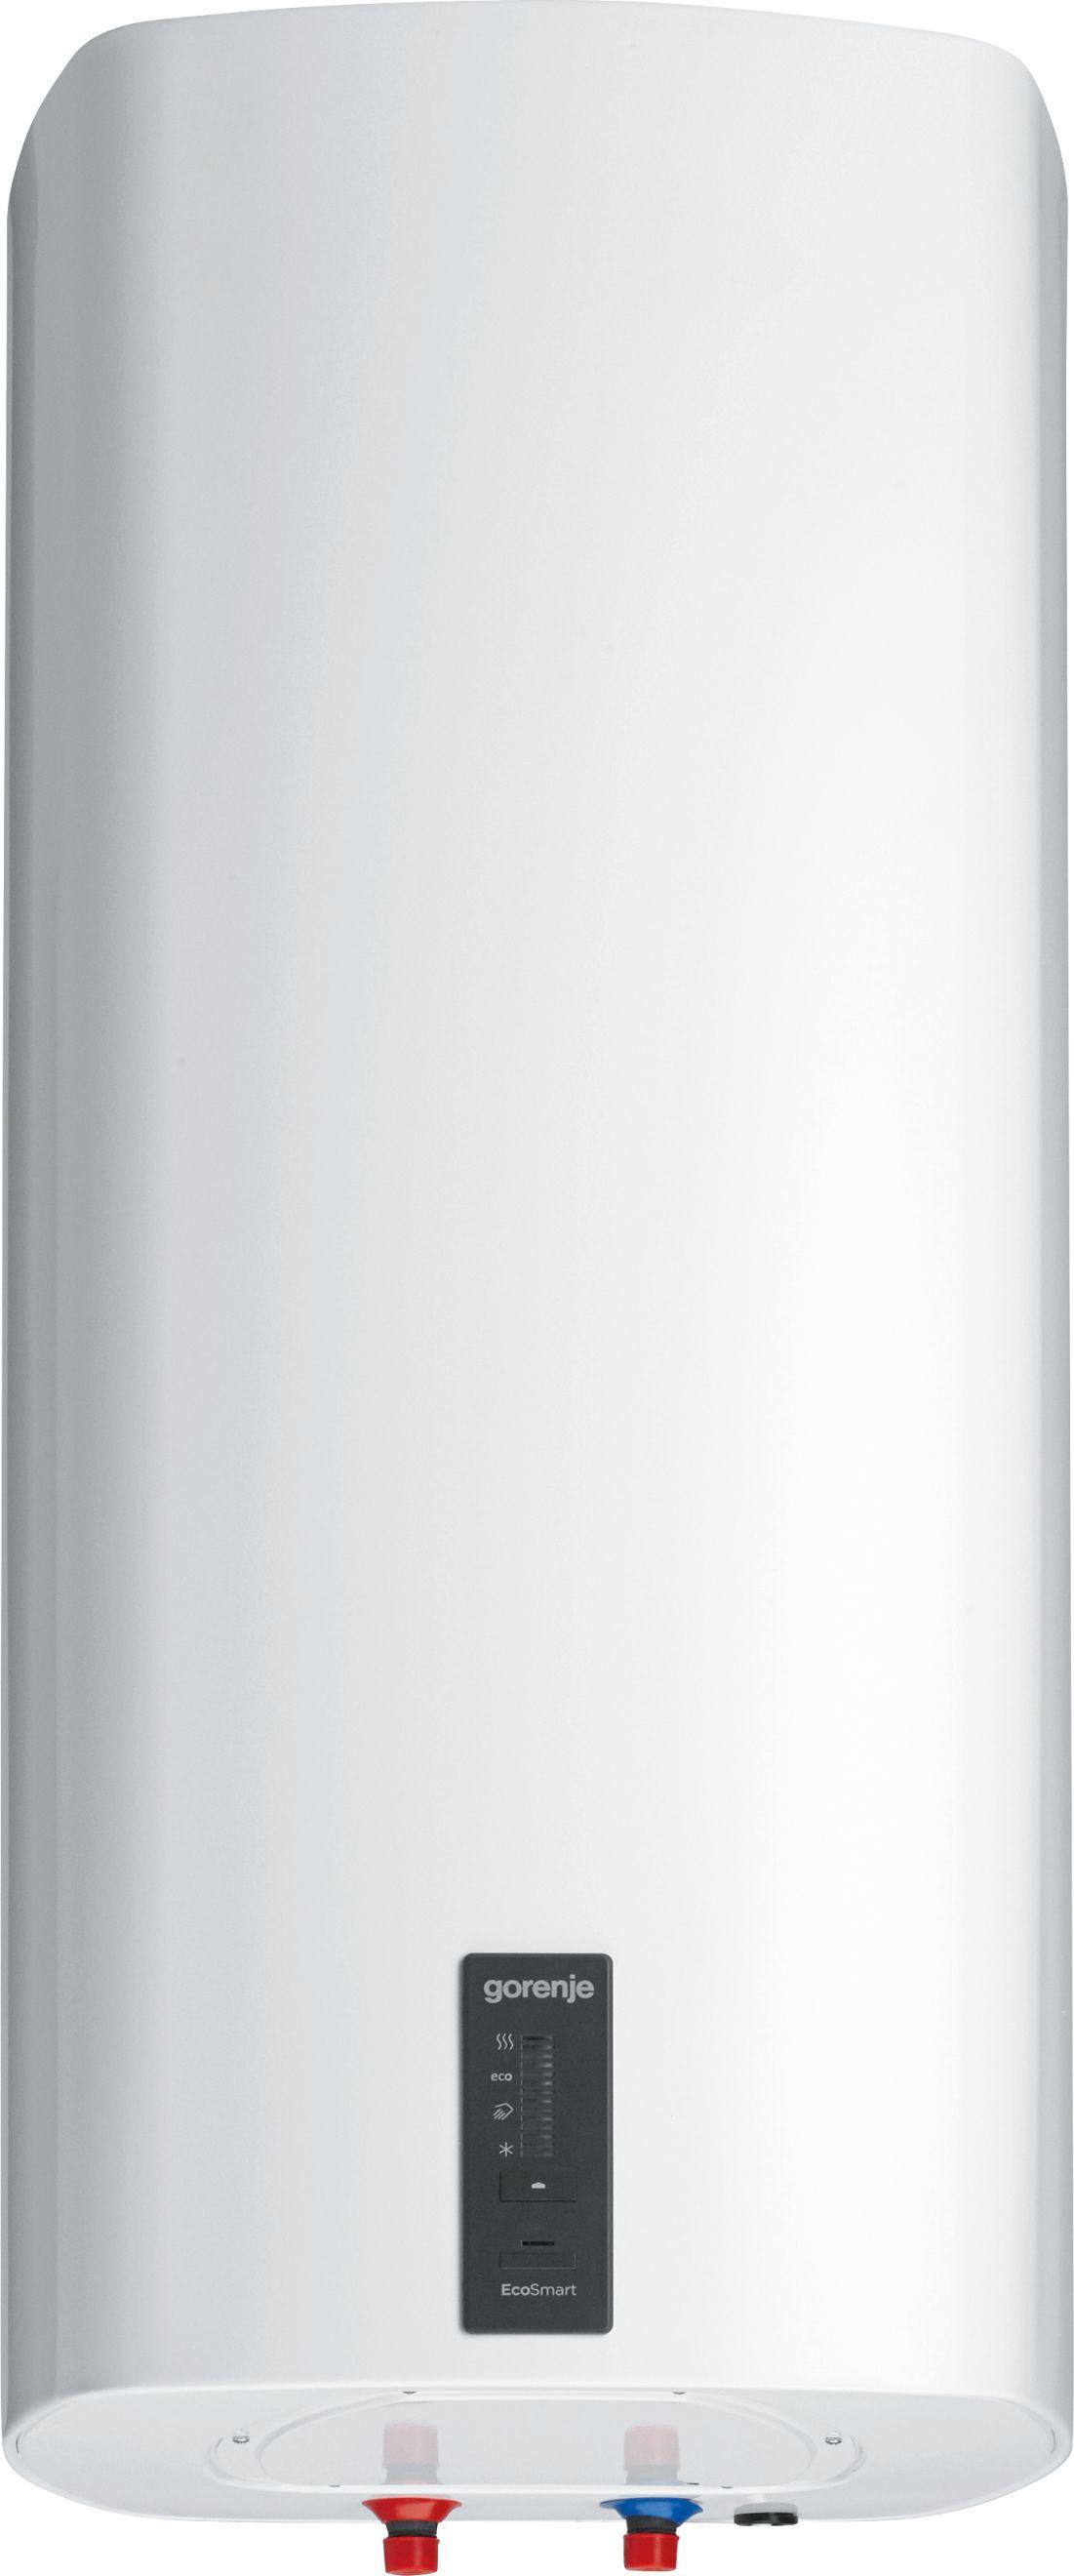 Водонагреватель электрический накопительный Gorenje OTGS100SMB6